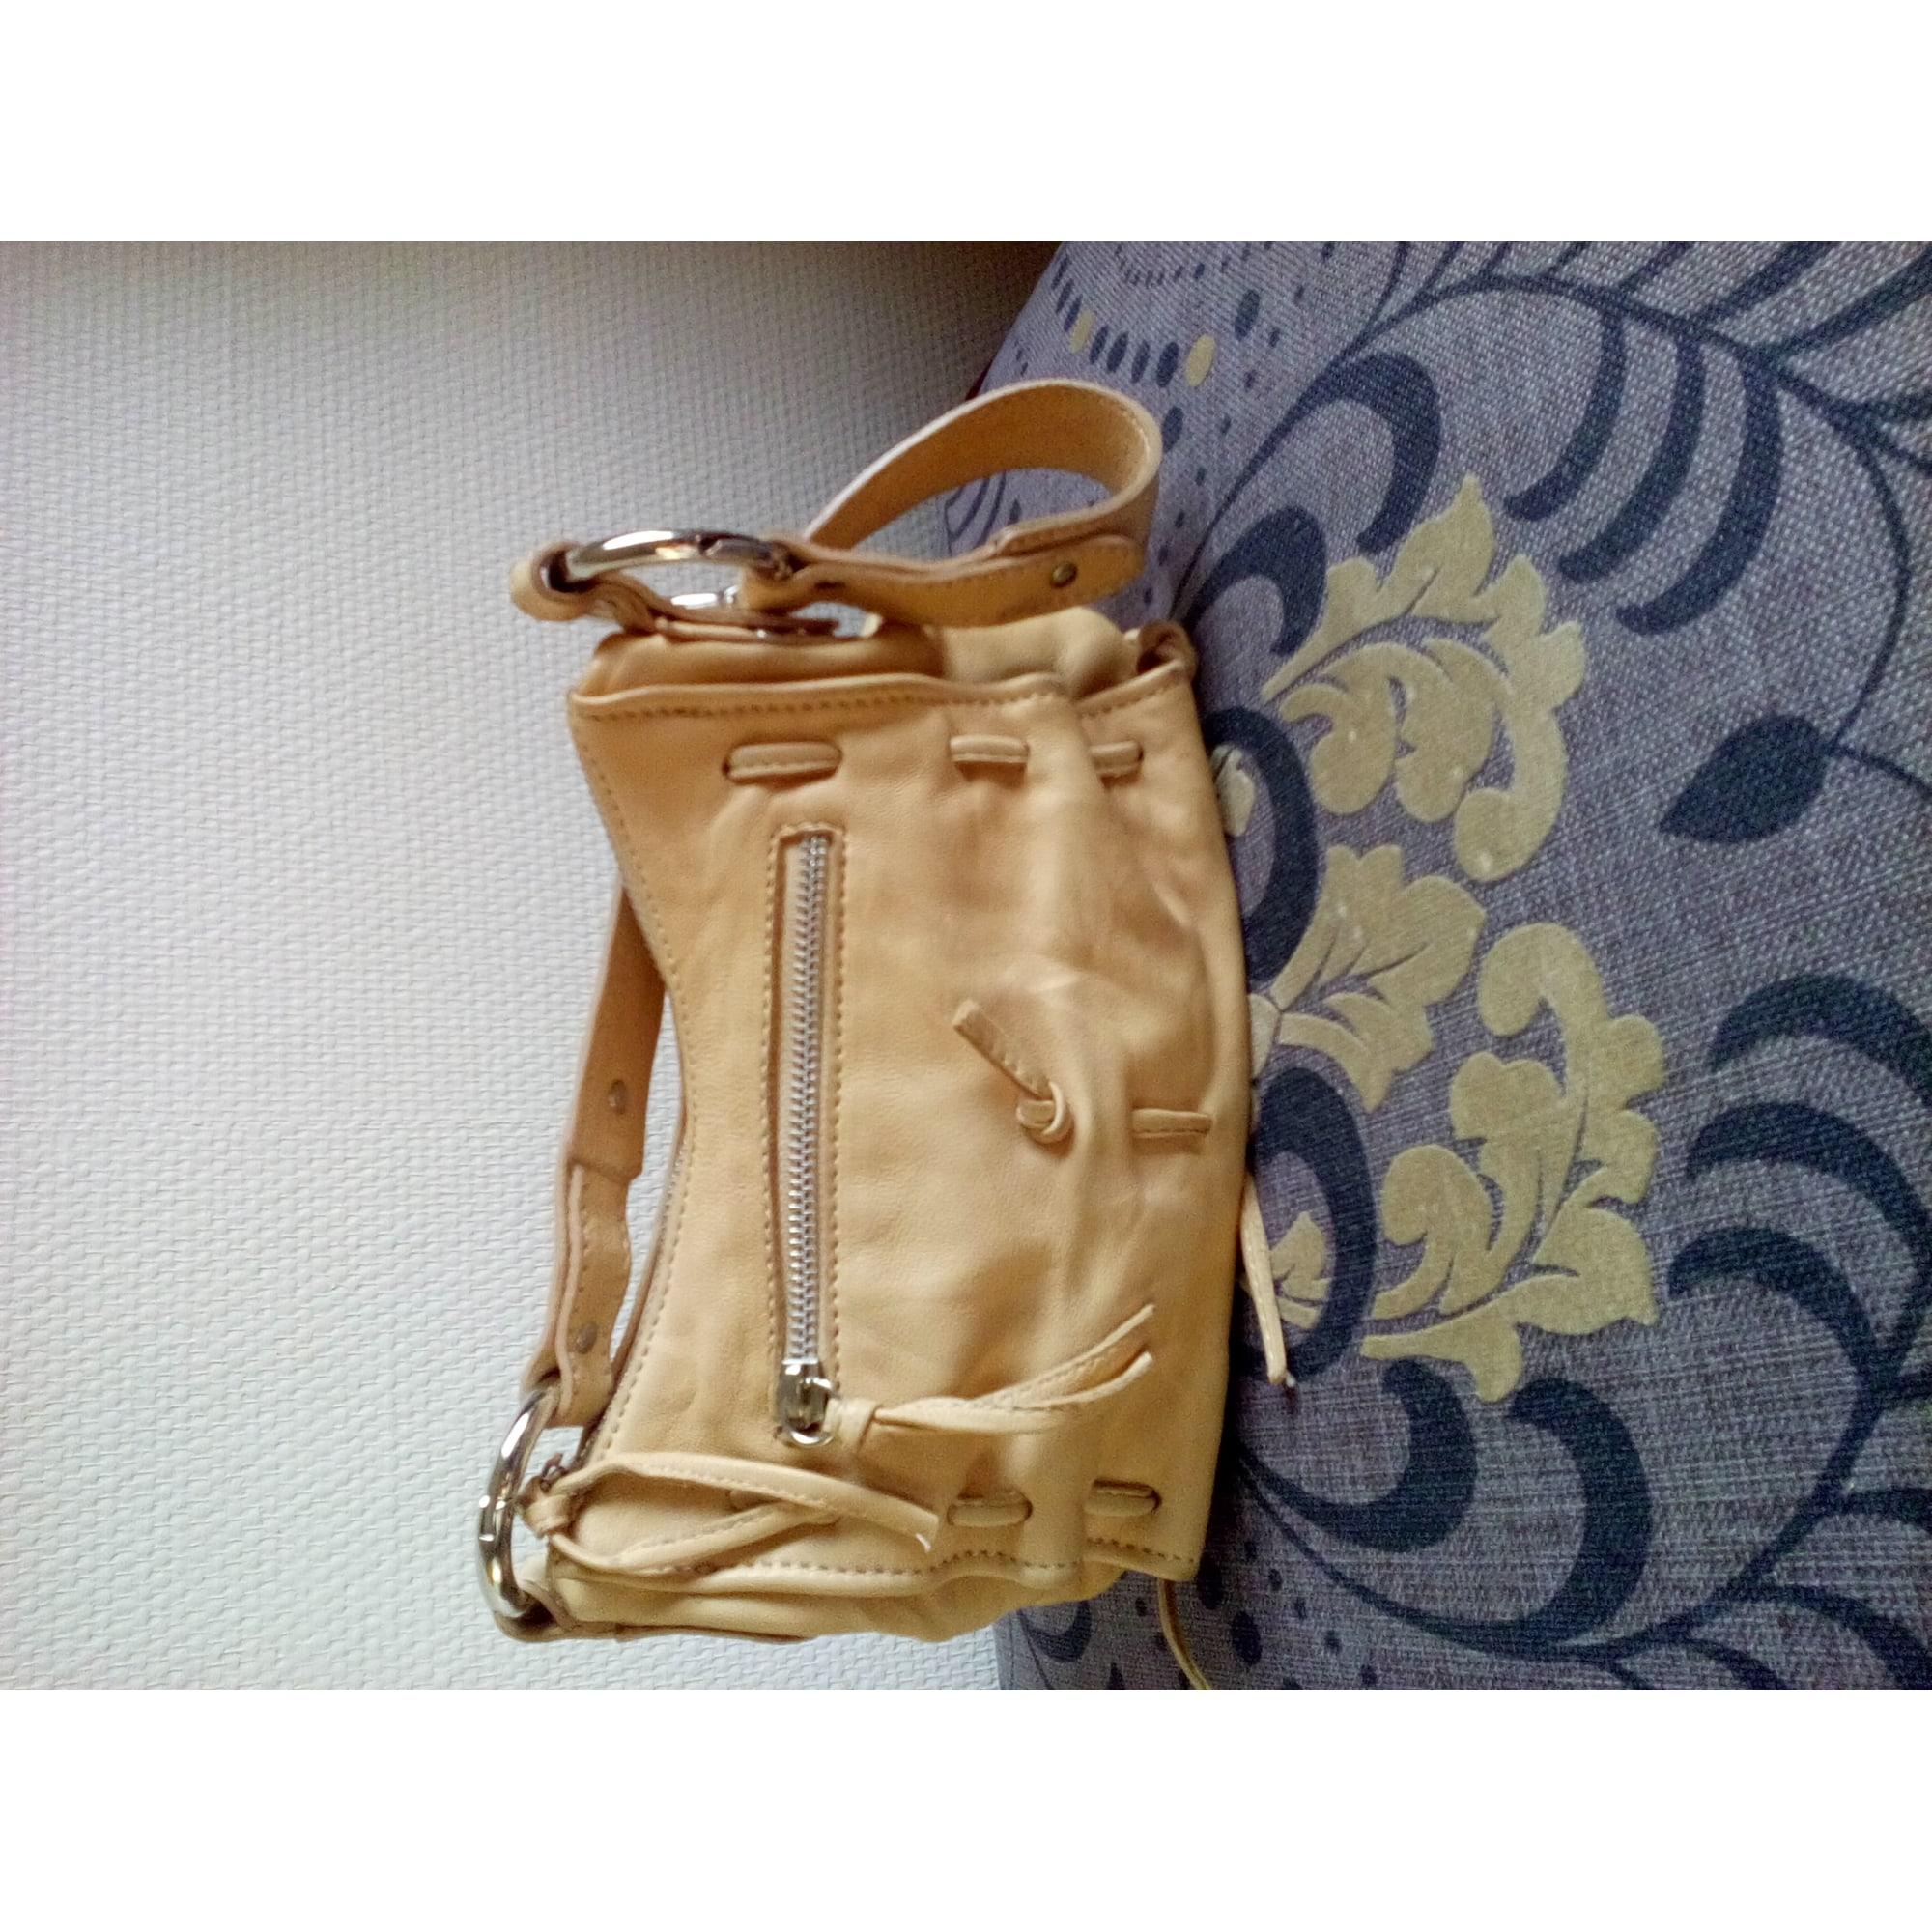 0bb7dadb33 Sac à main en cuir MARQUE DE MAROQUINERIE ITALIENNE beige - 4106323